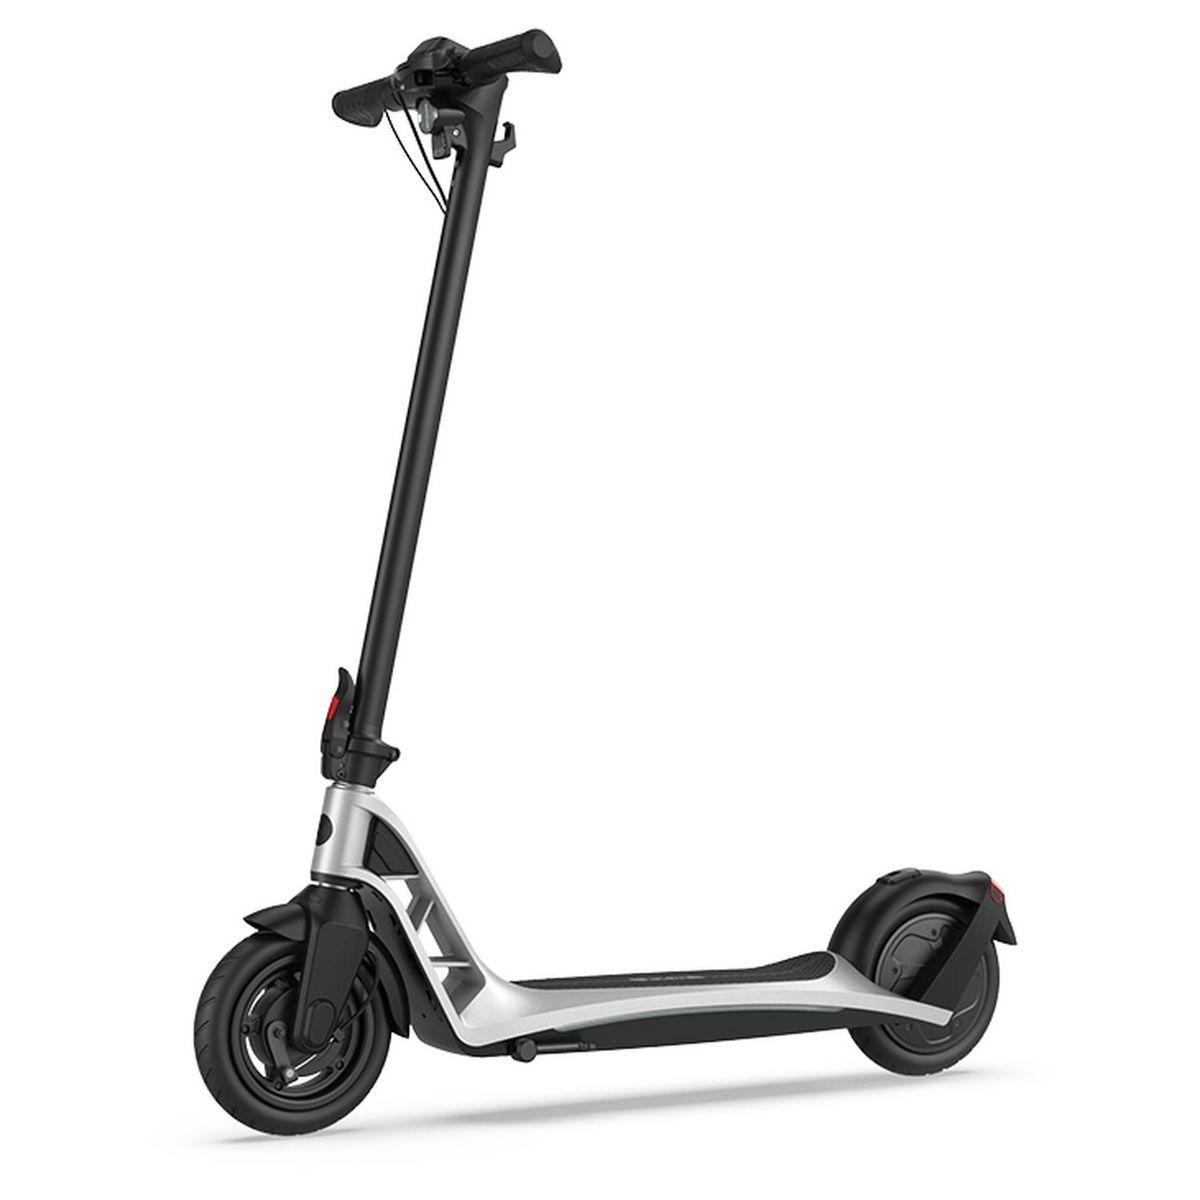 Trottinette électrique E.Scooter Magway - Gris